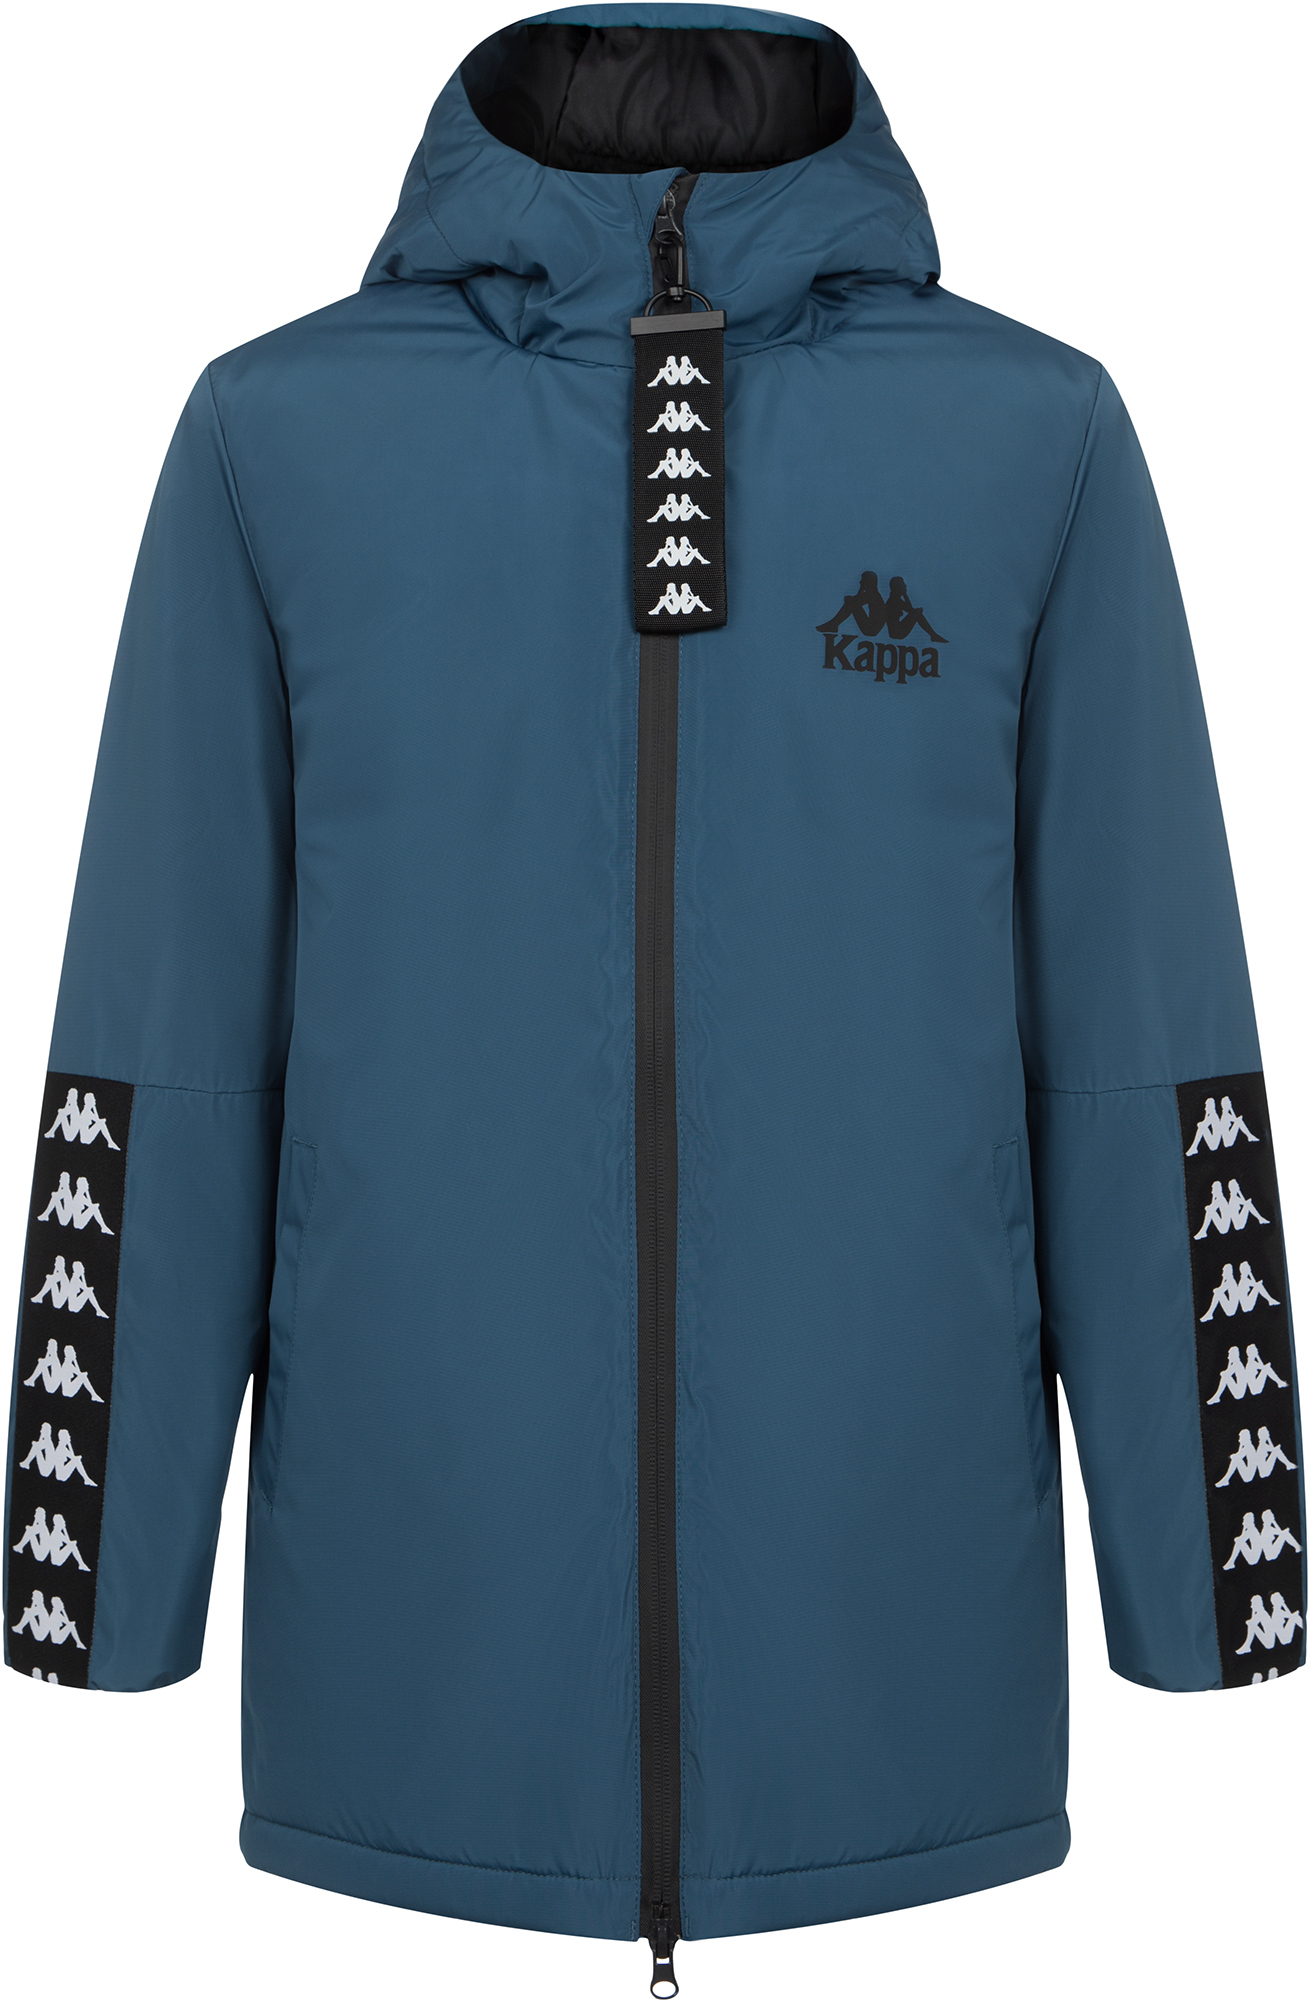 Kappa Куртка утепленная для мальчиков Kappa, размер 176 куртка хольстер утепленная смес ткань 48 50 170 176 лес 2010